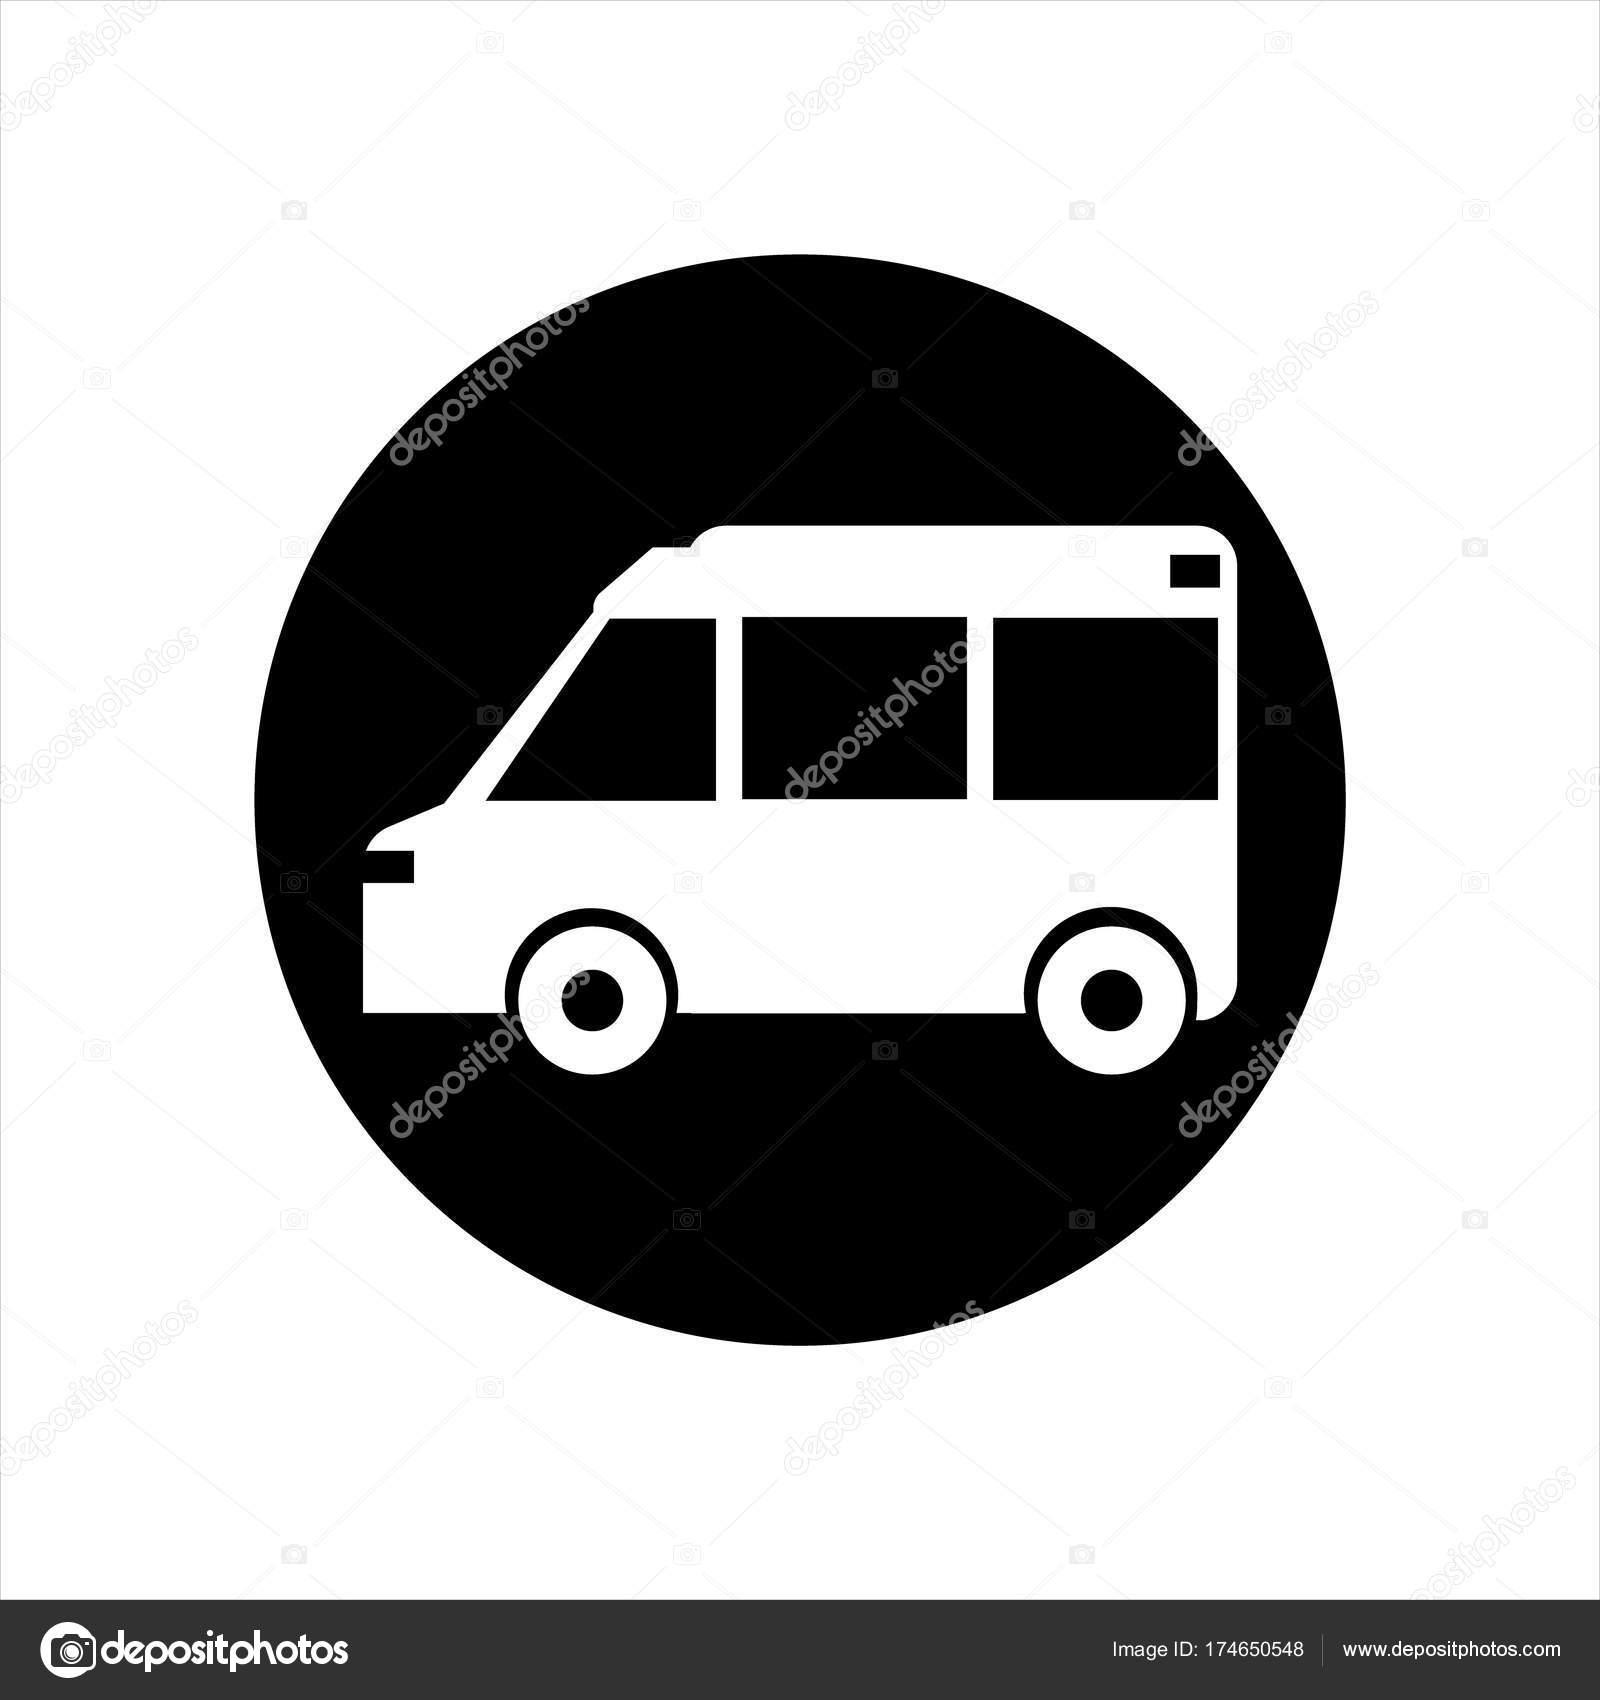 Icono de vehículo de transporte — Foto de stock © viktorijareut ...